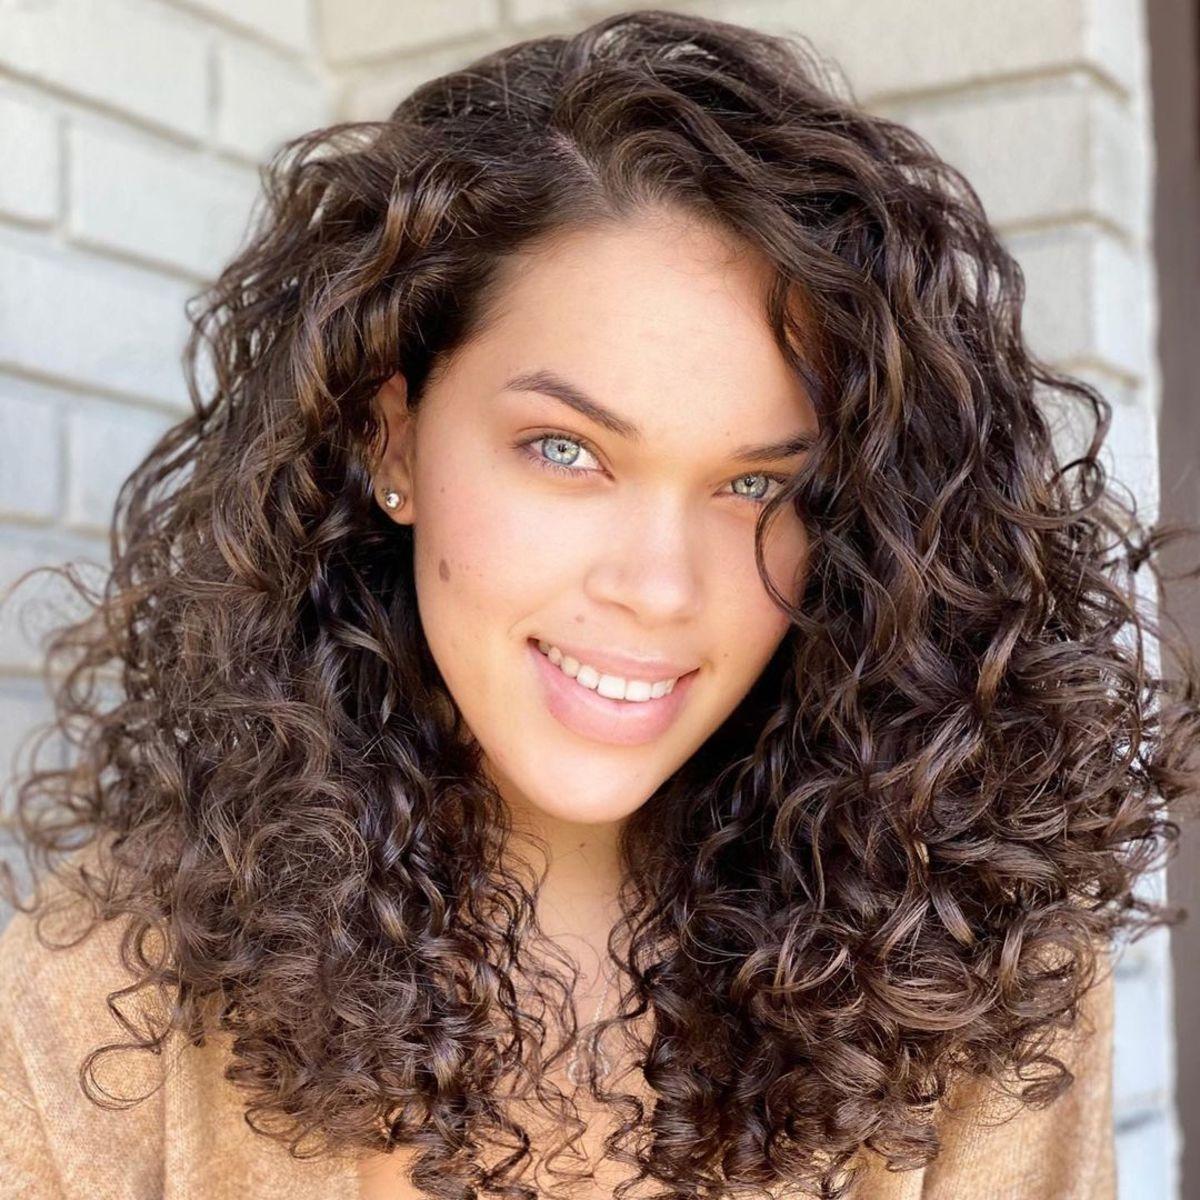 Style de cheveux bouclés mi-longs brun foncé